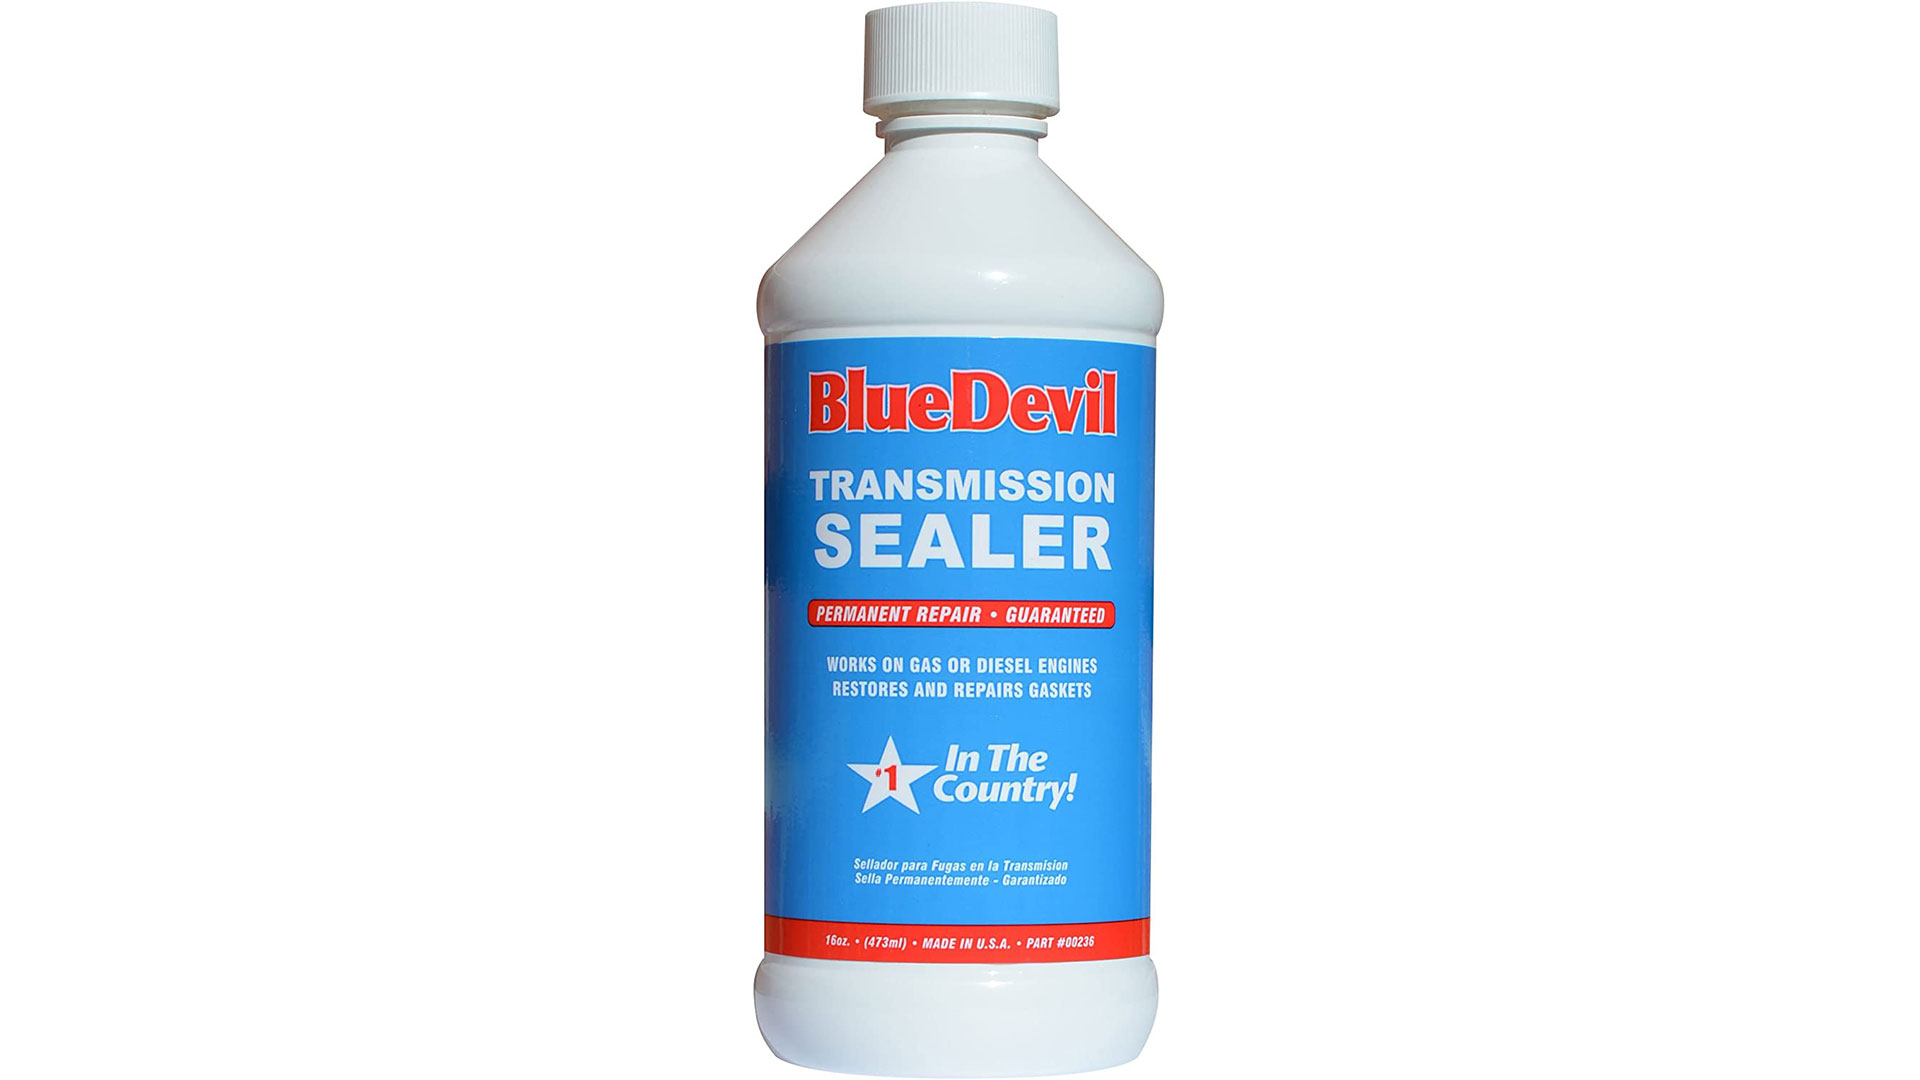 blue devil transmission sealer